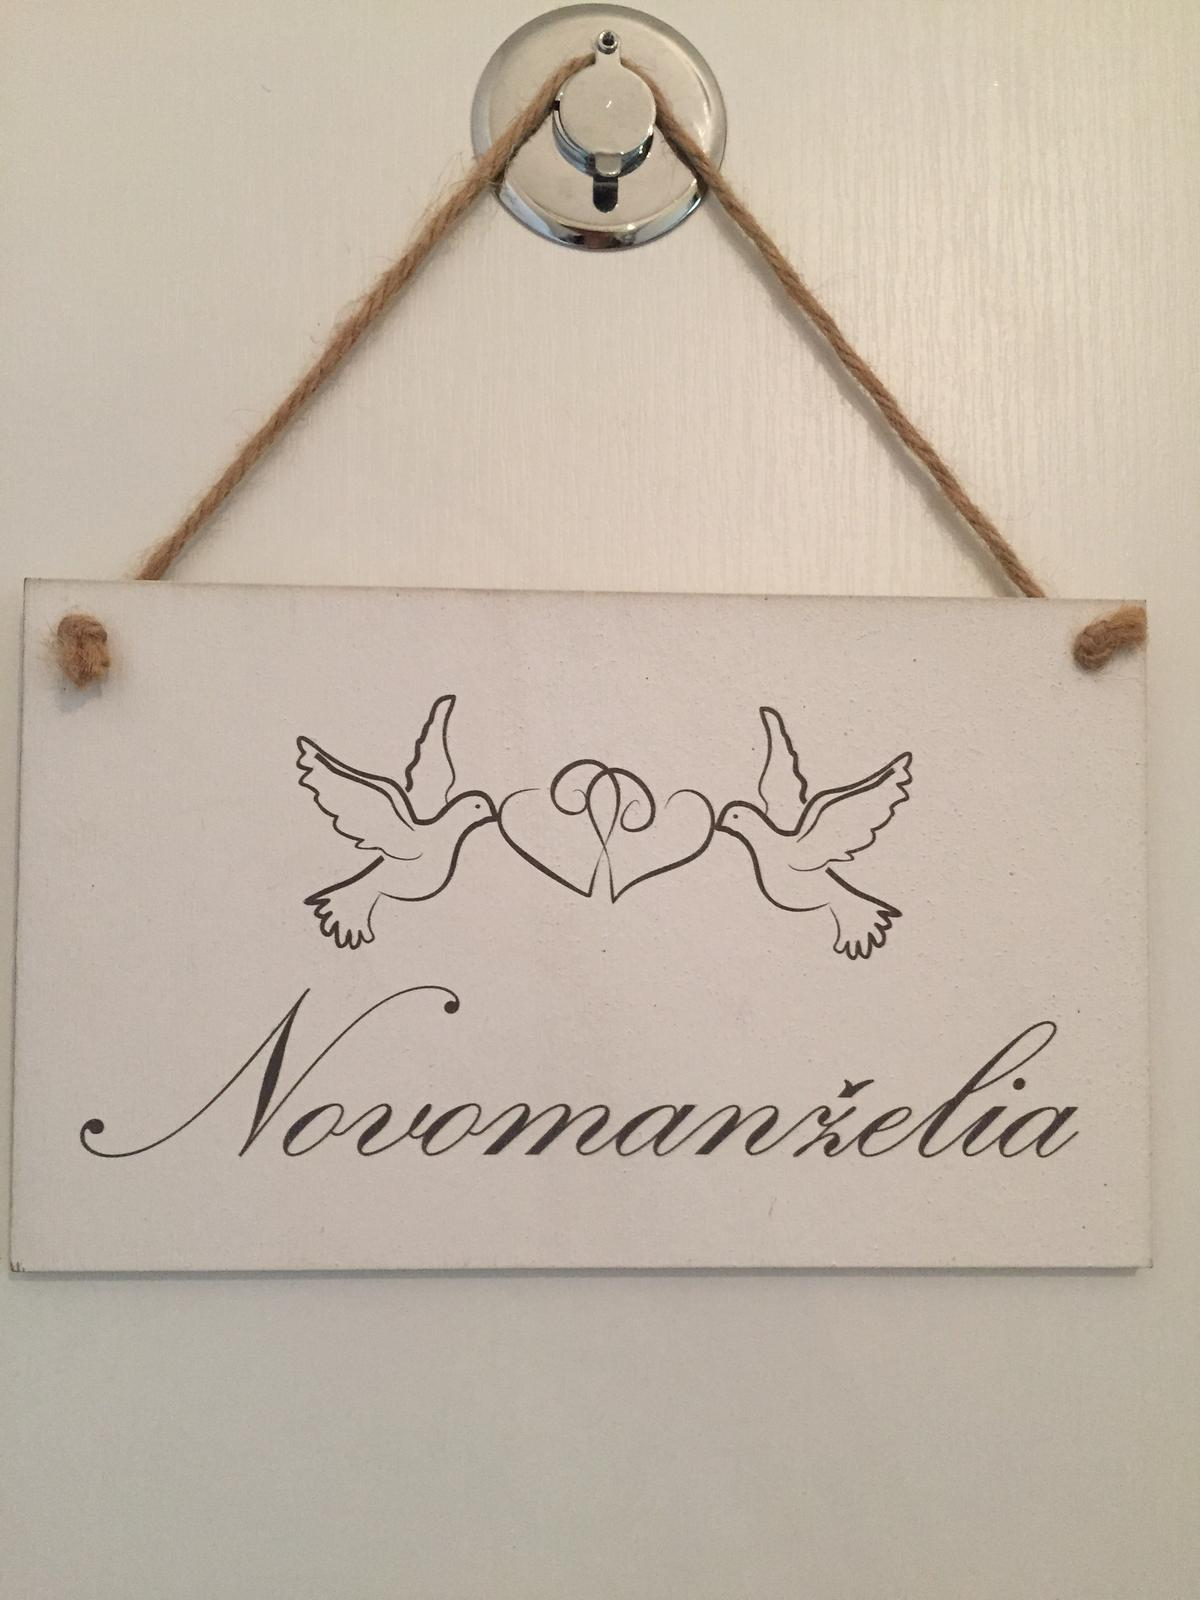 Cedulka novomanzelia - Obrázek č. 1